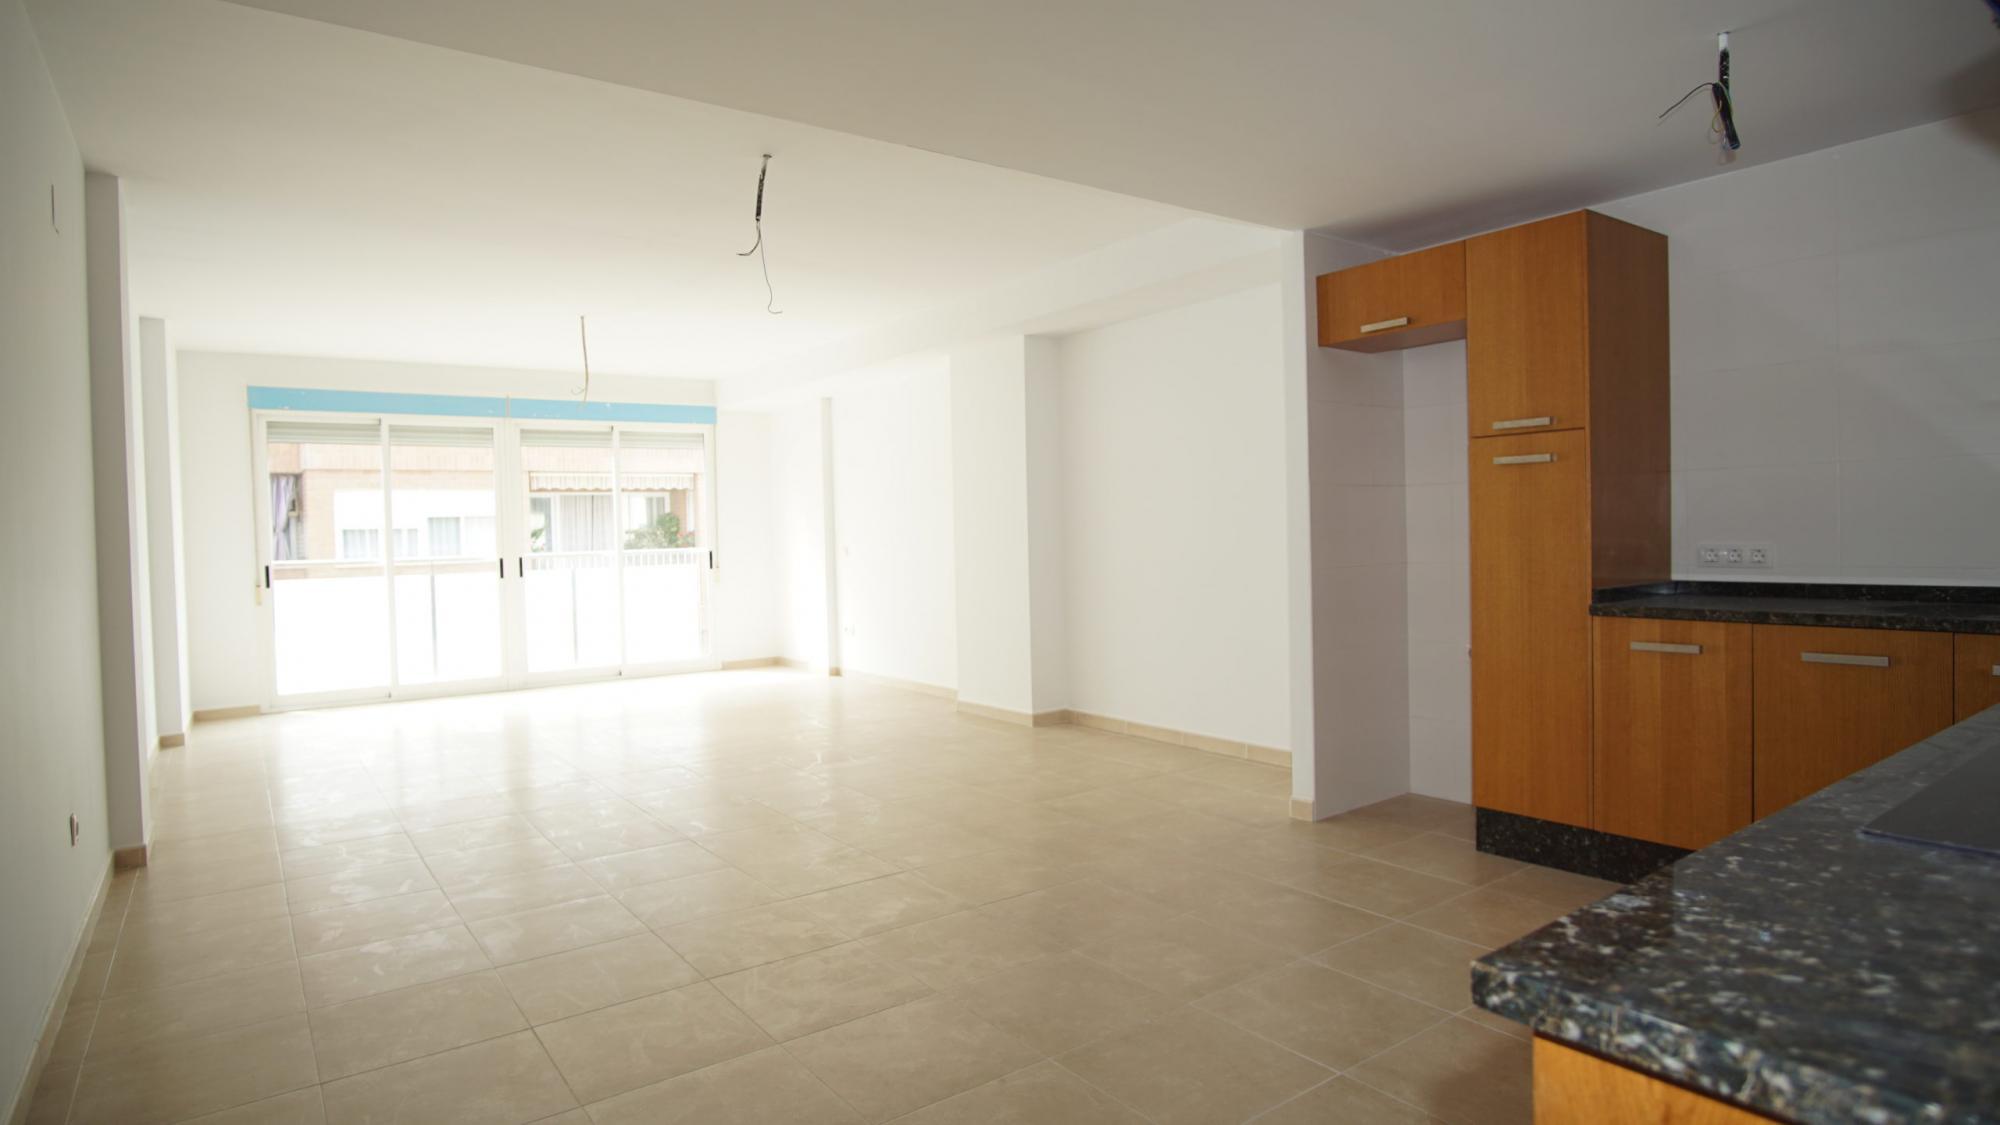 Promoción de viviendas seminuevas en Burriana (Castellón) zona Playa